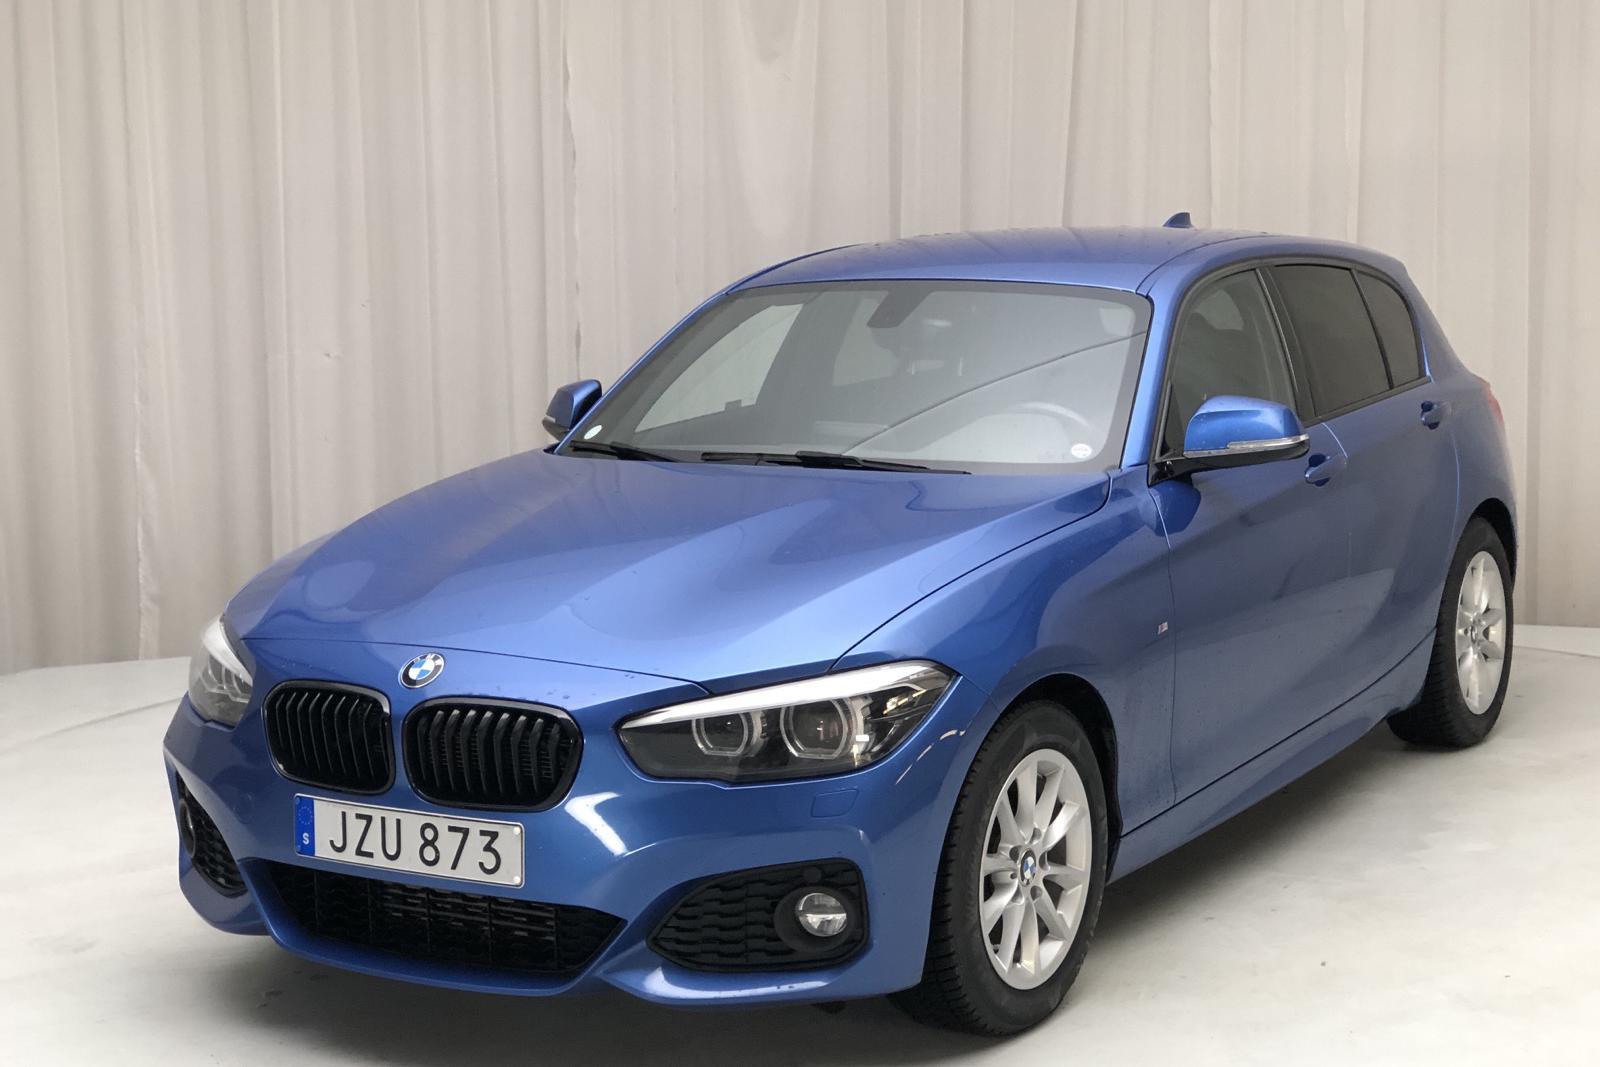 BMW 118d 5dr, F20 (150hk) - 66 200 km - Manual - blue - 2018